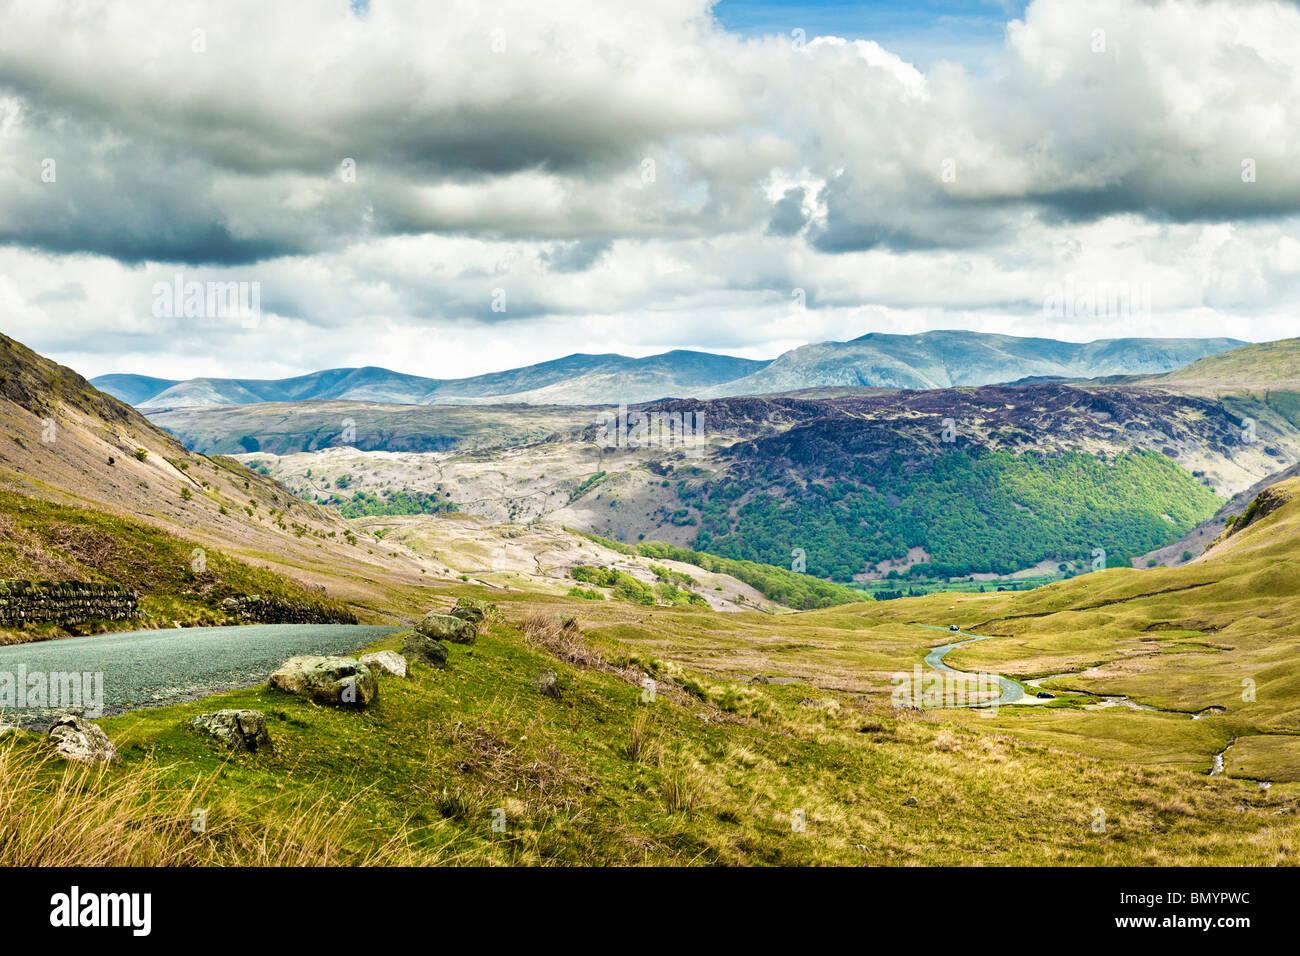 Honister Pass nel distretto del lago, Cumbria, Regno Unito - guardando verso Borrowdale Immagini Stock